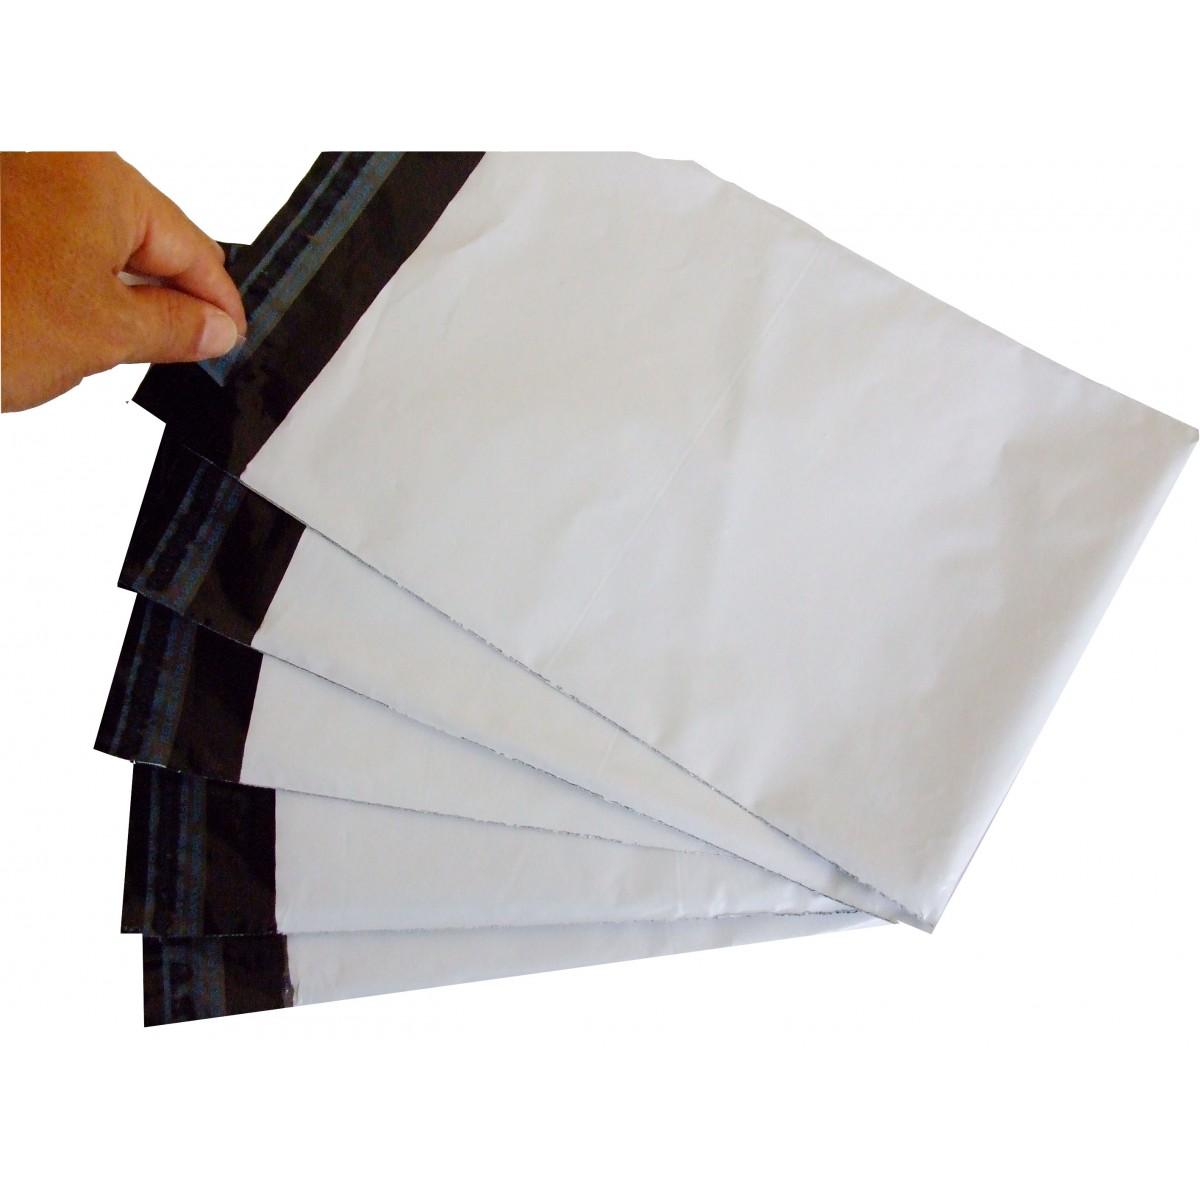 Envelope de Segurança Liso Branco L:50 X C:40 + 5 (Aba) cm